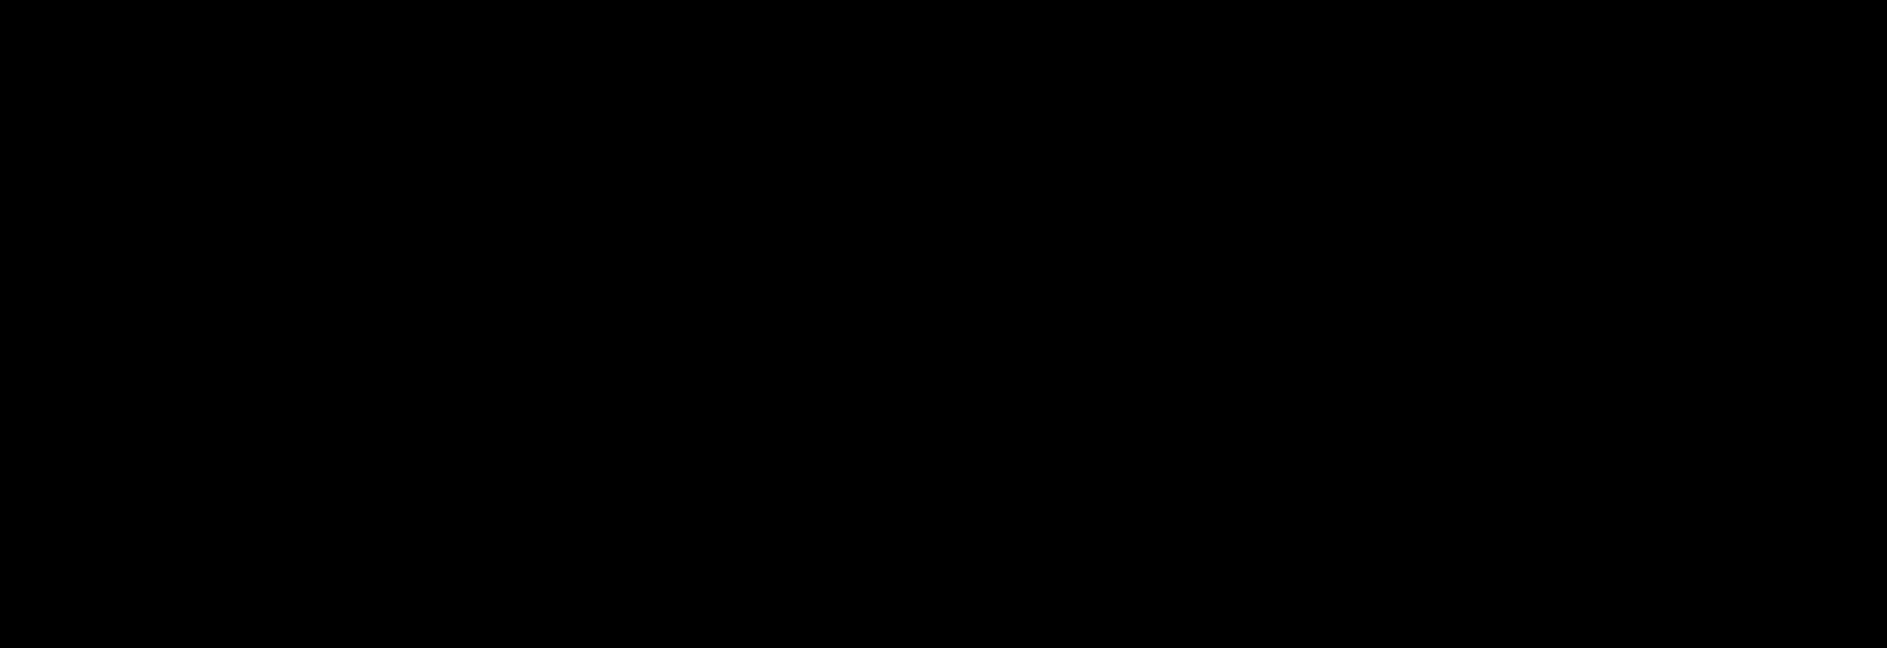 Vas   Hatóanyag adatbázis